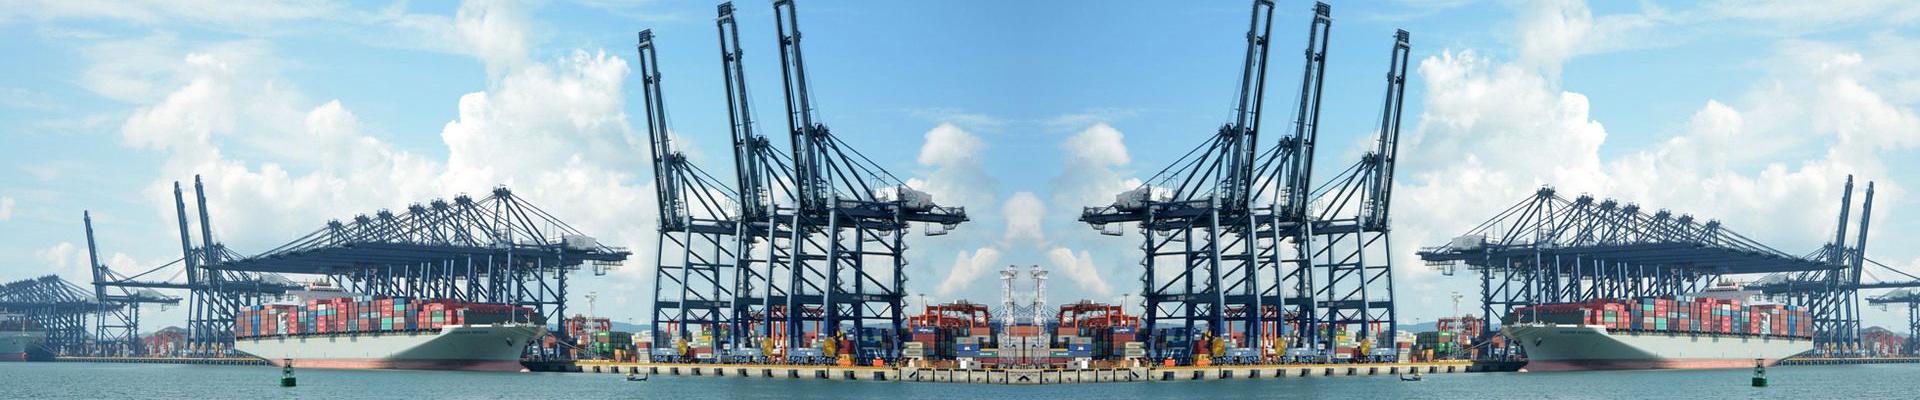 常州市海悦江山港口机械附件有限公司有限公司专业生产螺旋扣,抓斗提升链,弯孔钩,楔形接头,防转套等产品